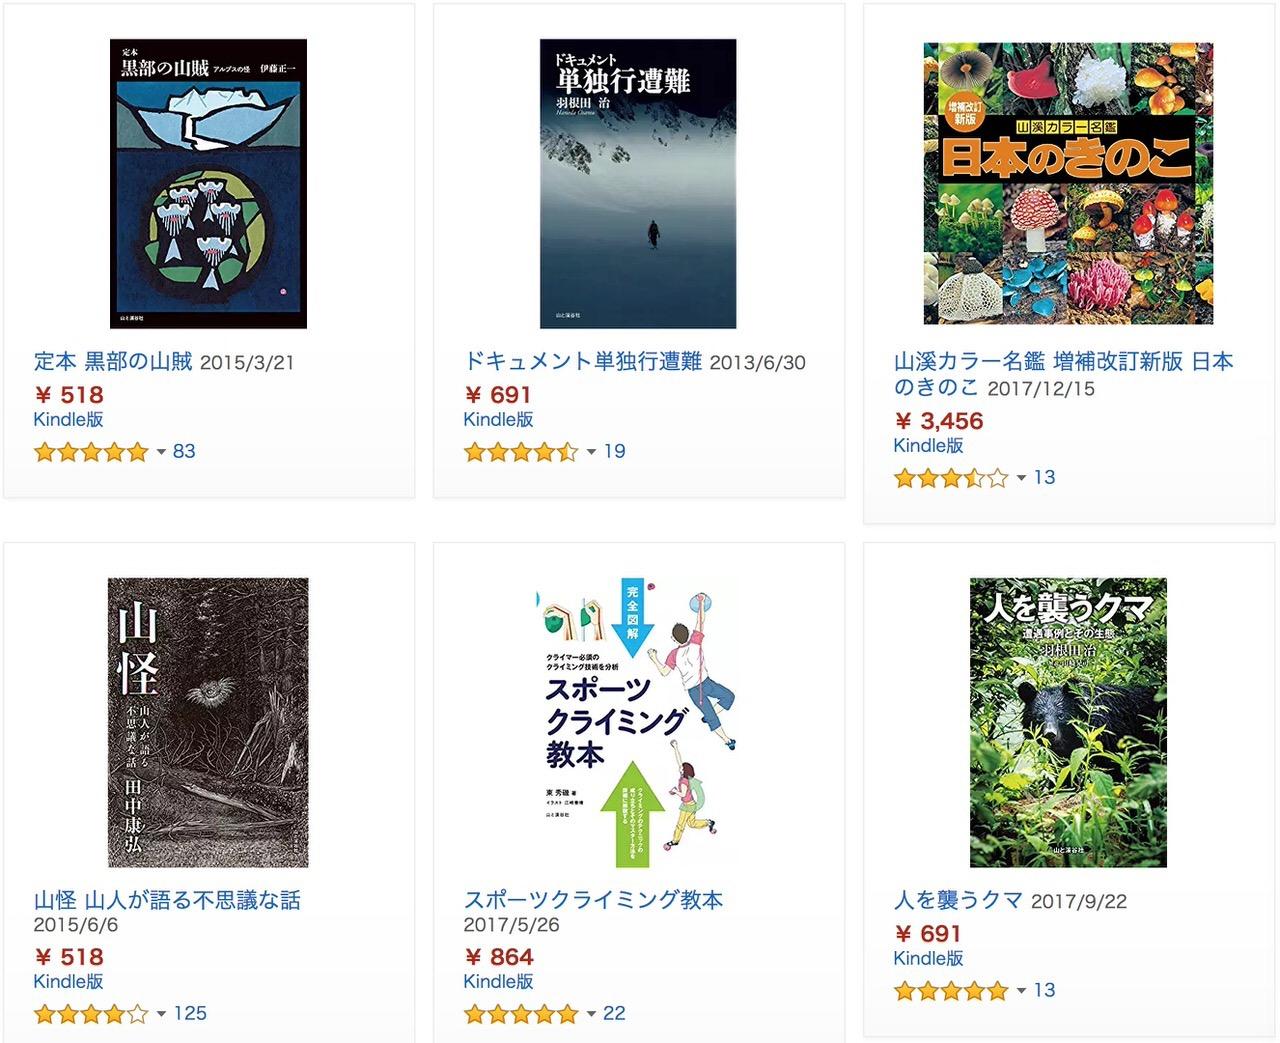 【Kindleセール】山と渓谷社の本が全品50%OFF「山の日フェア」(8/16まで)